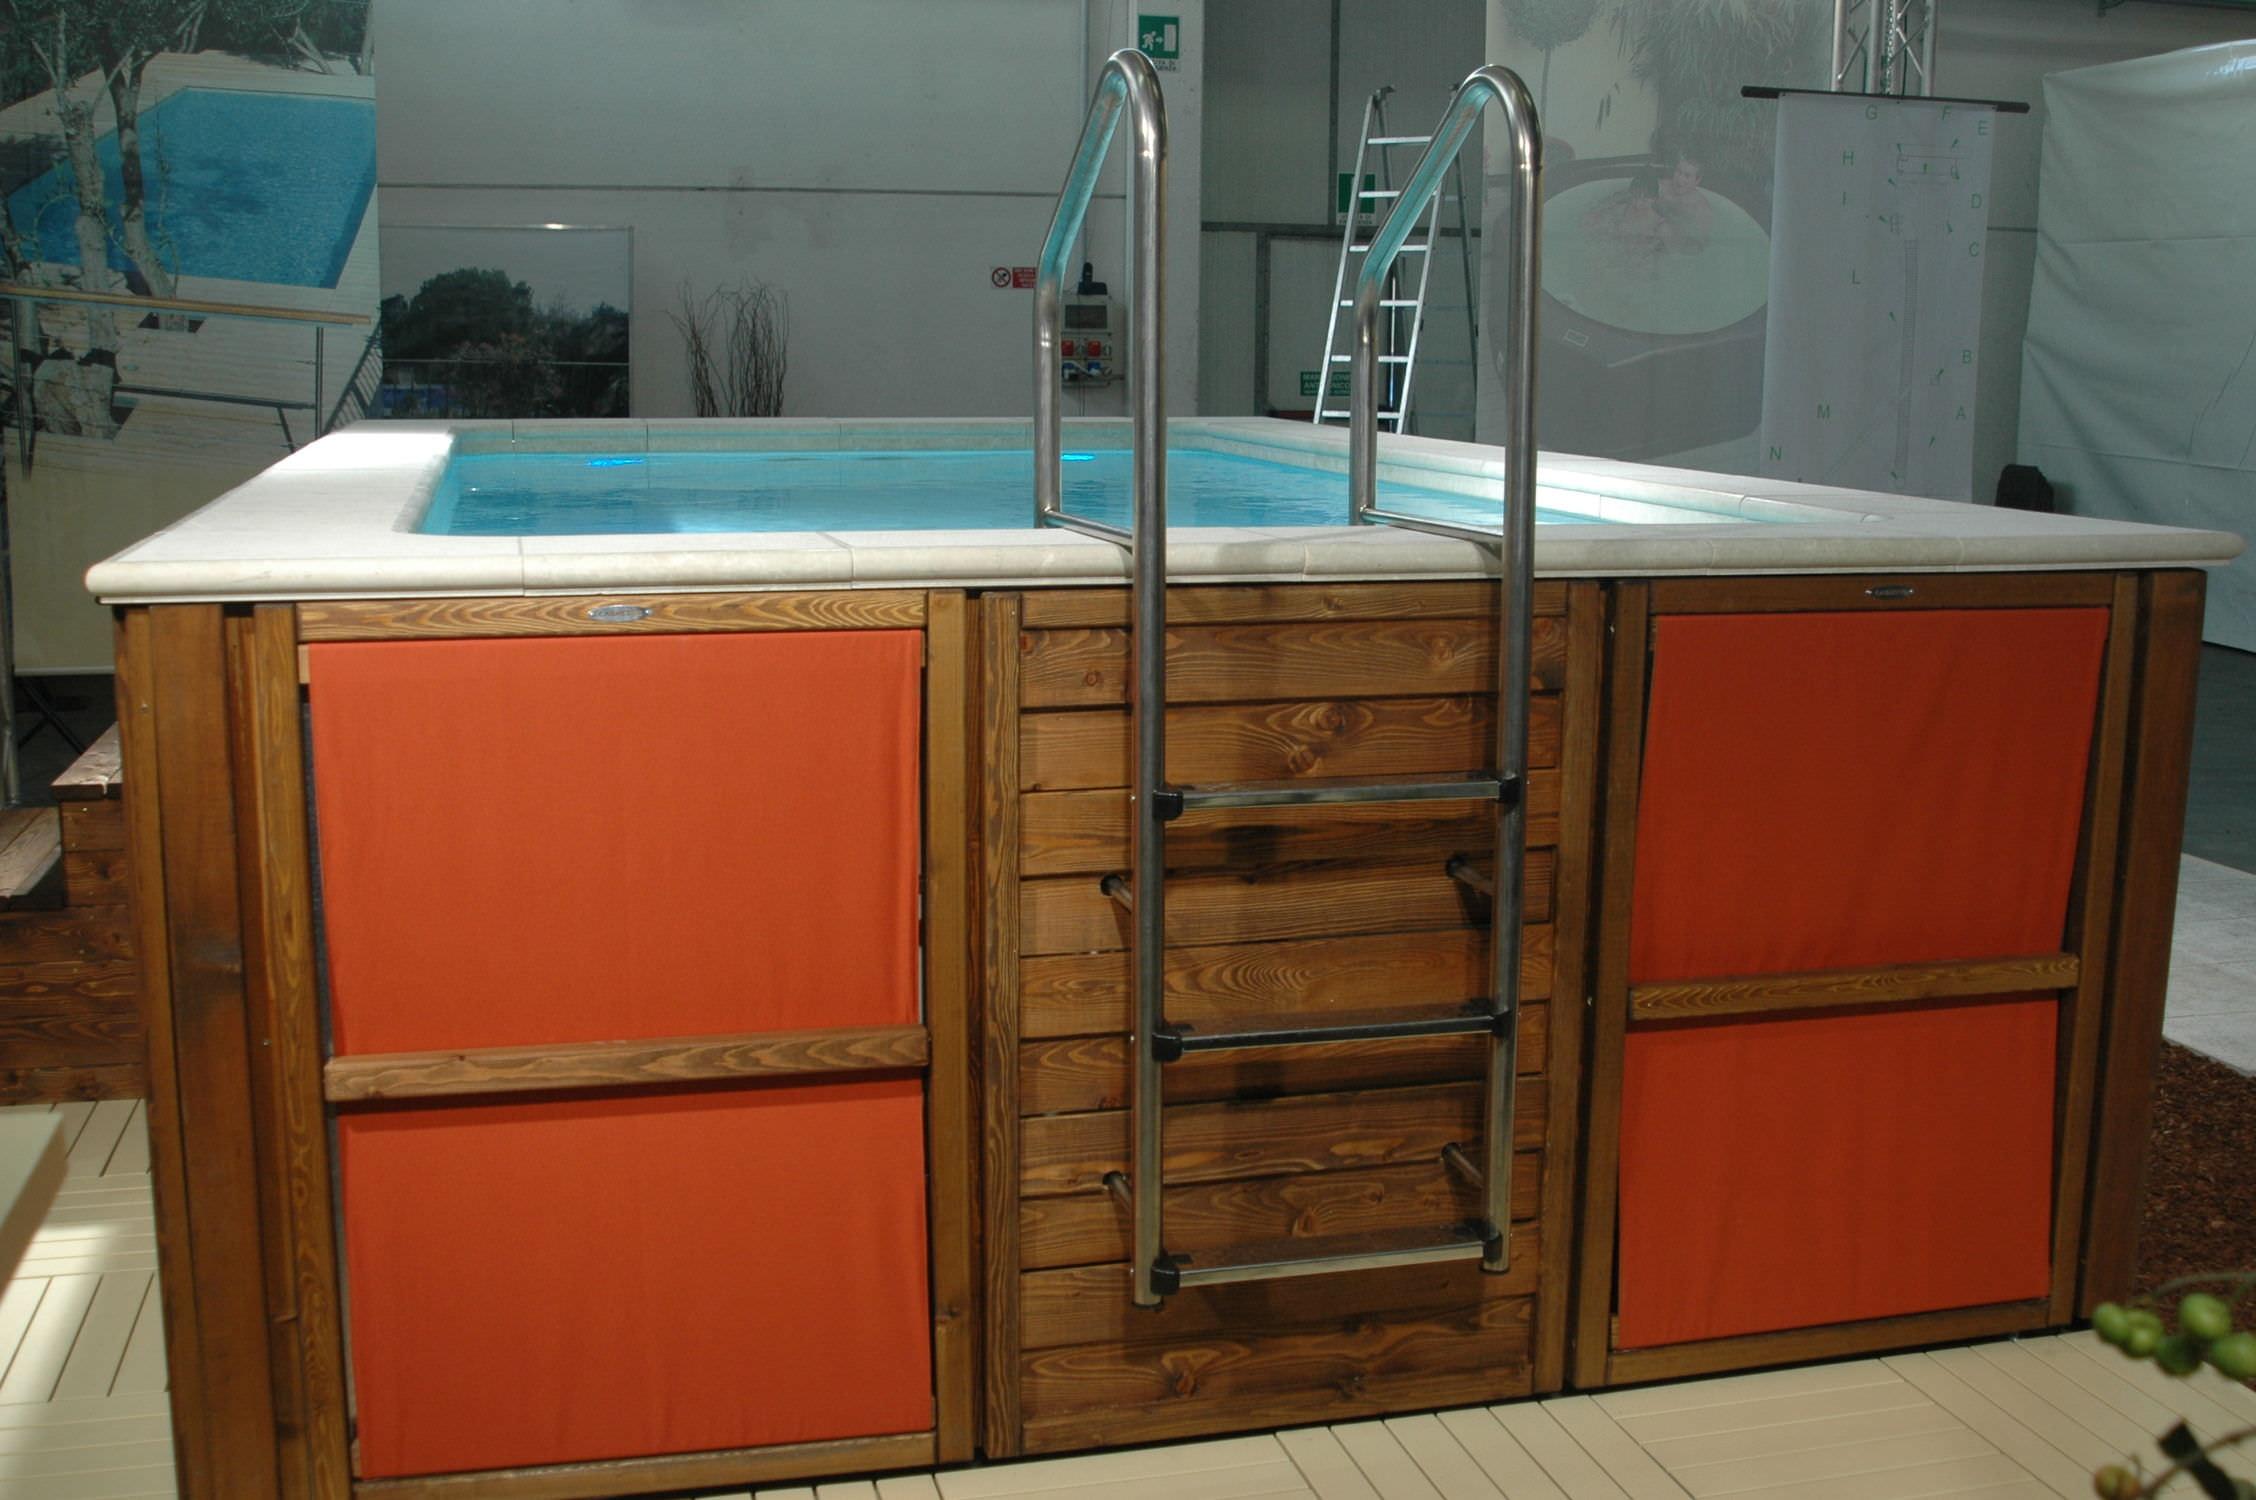 Piscine Da Esterno Rivestite In Legno piscina sistema completo - dolce vita - laghetto